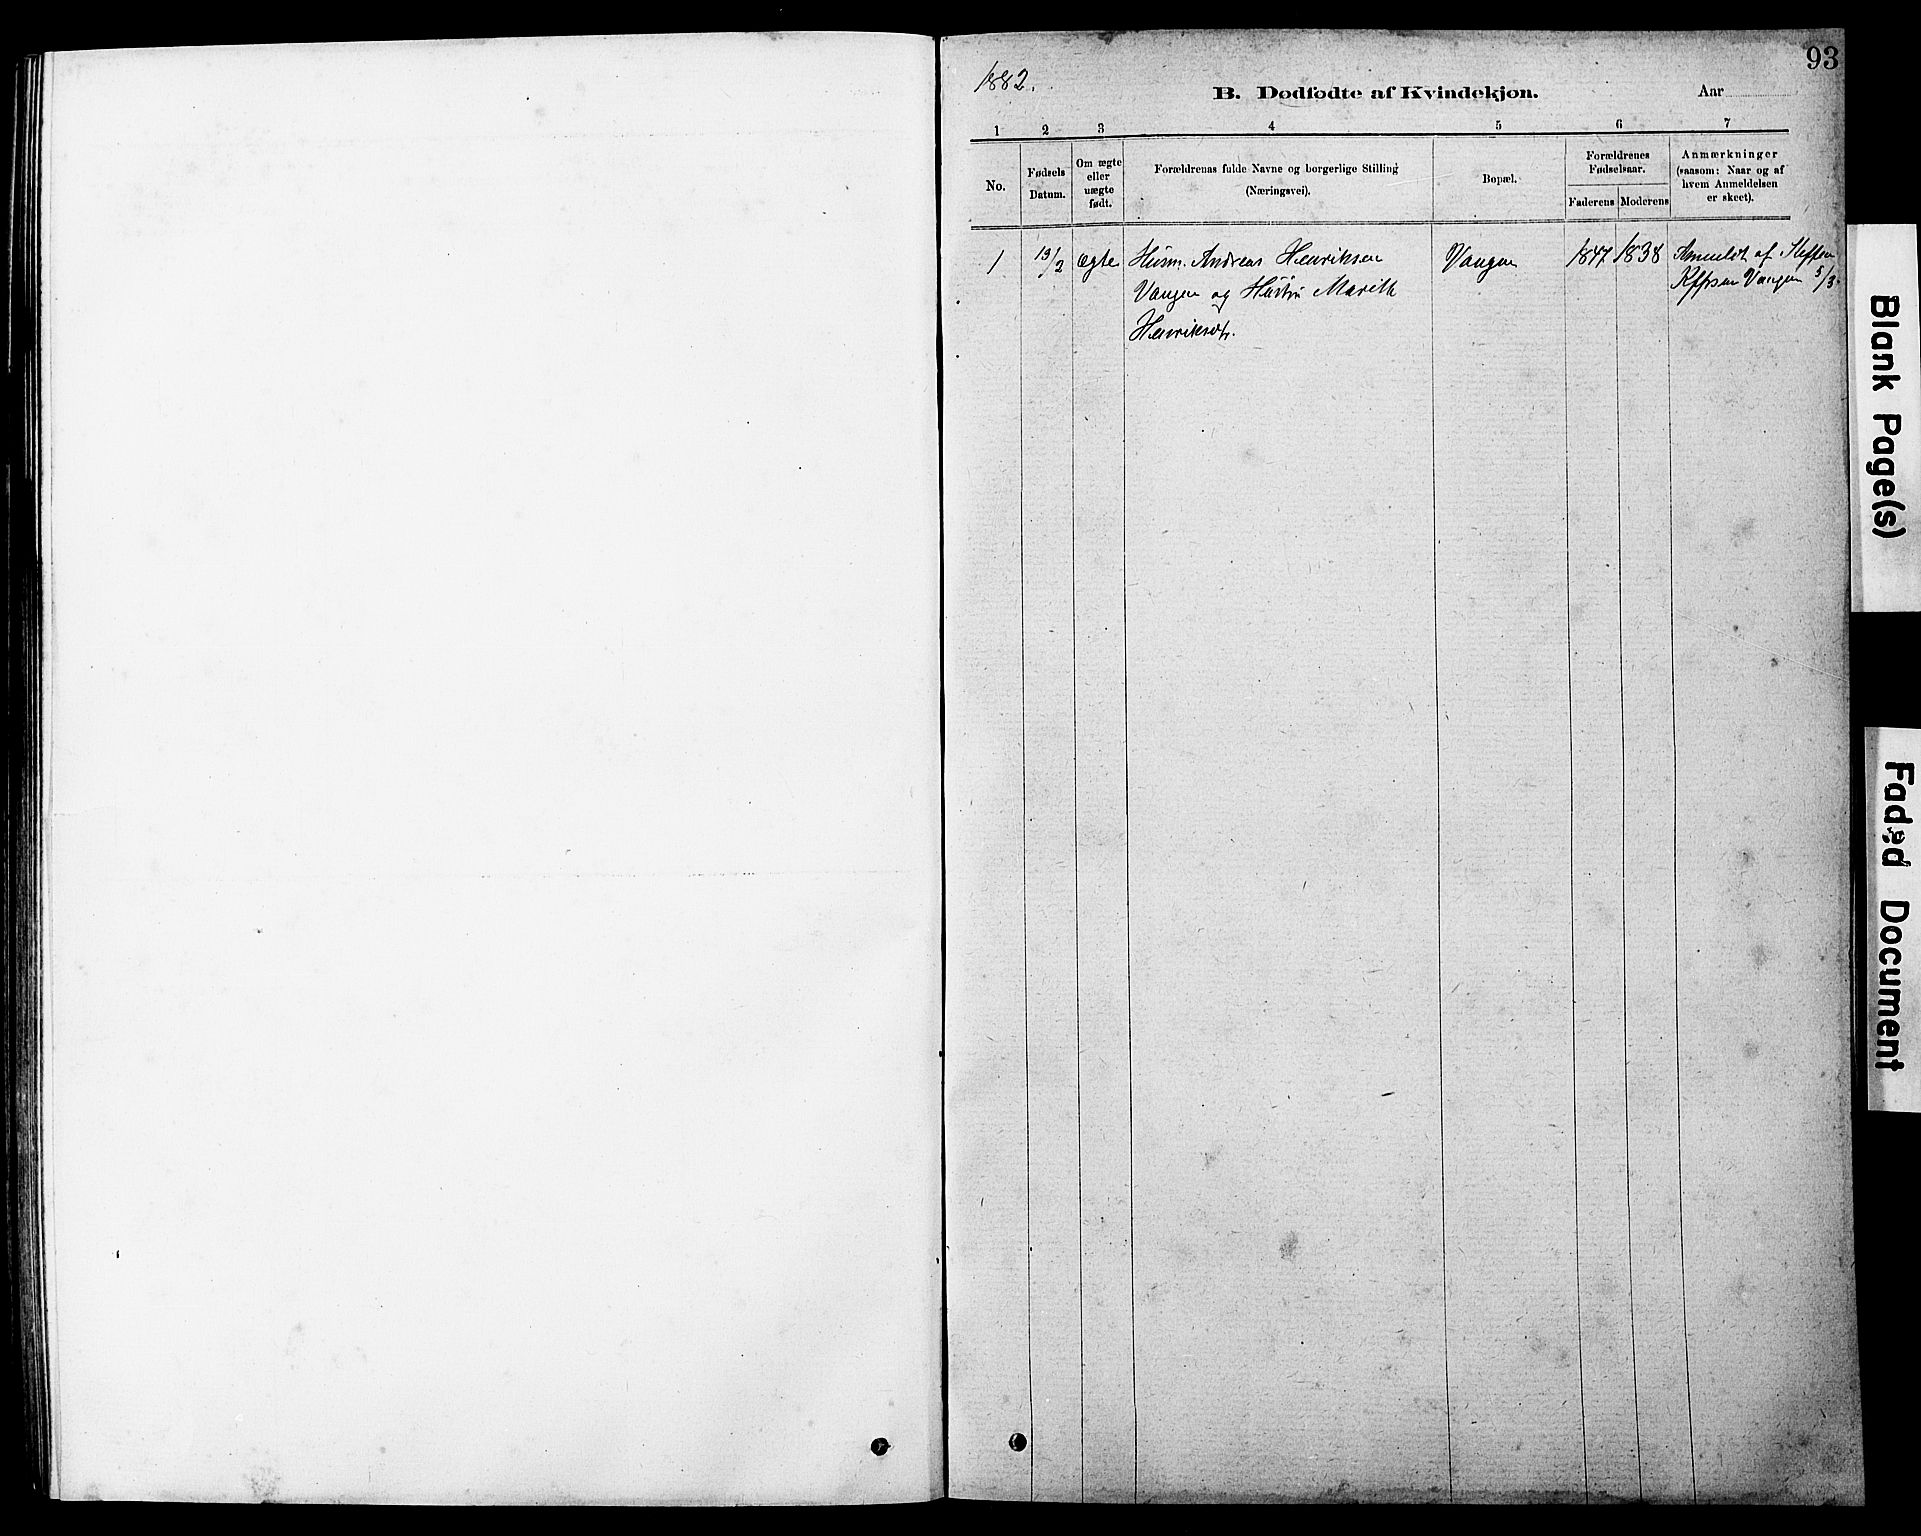 SAT, Ministerialprotokoller, klokkerbøker og fødselsregistre - Sør-Trøndelag, 647/L0636: Klokkerbok nr. 647C01, 1881-1884, s. 93